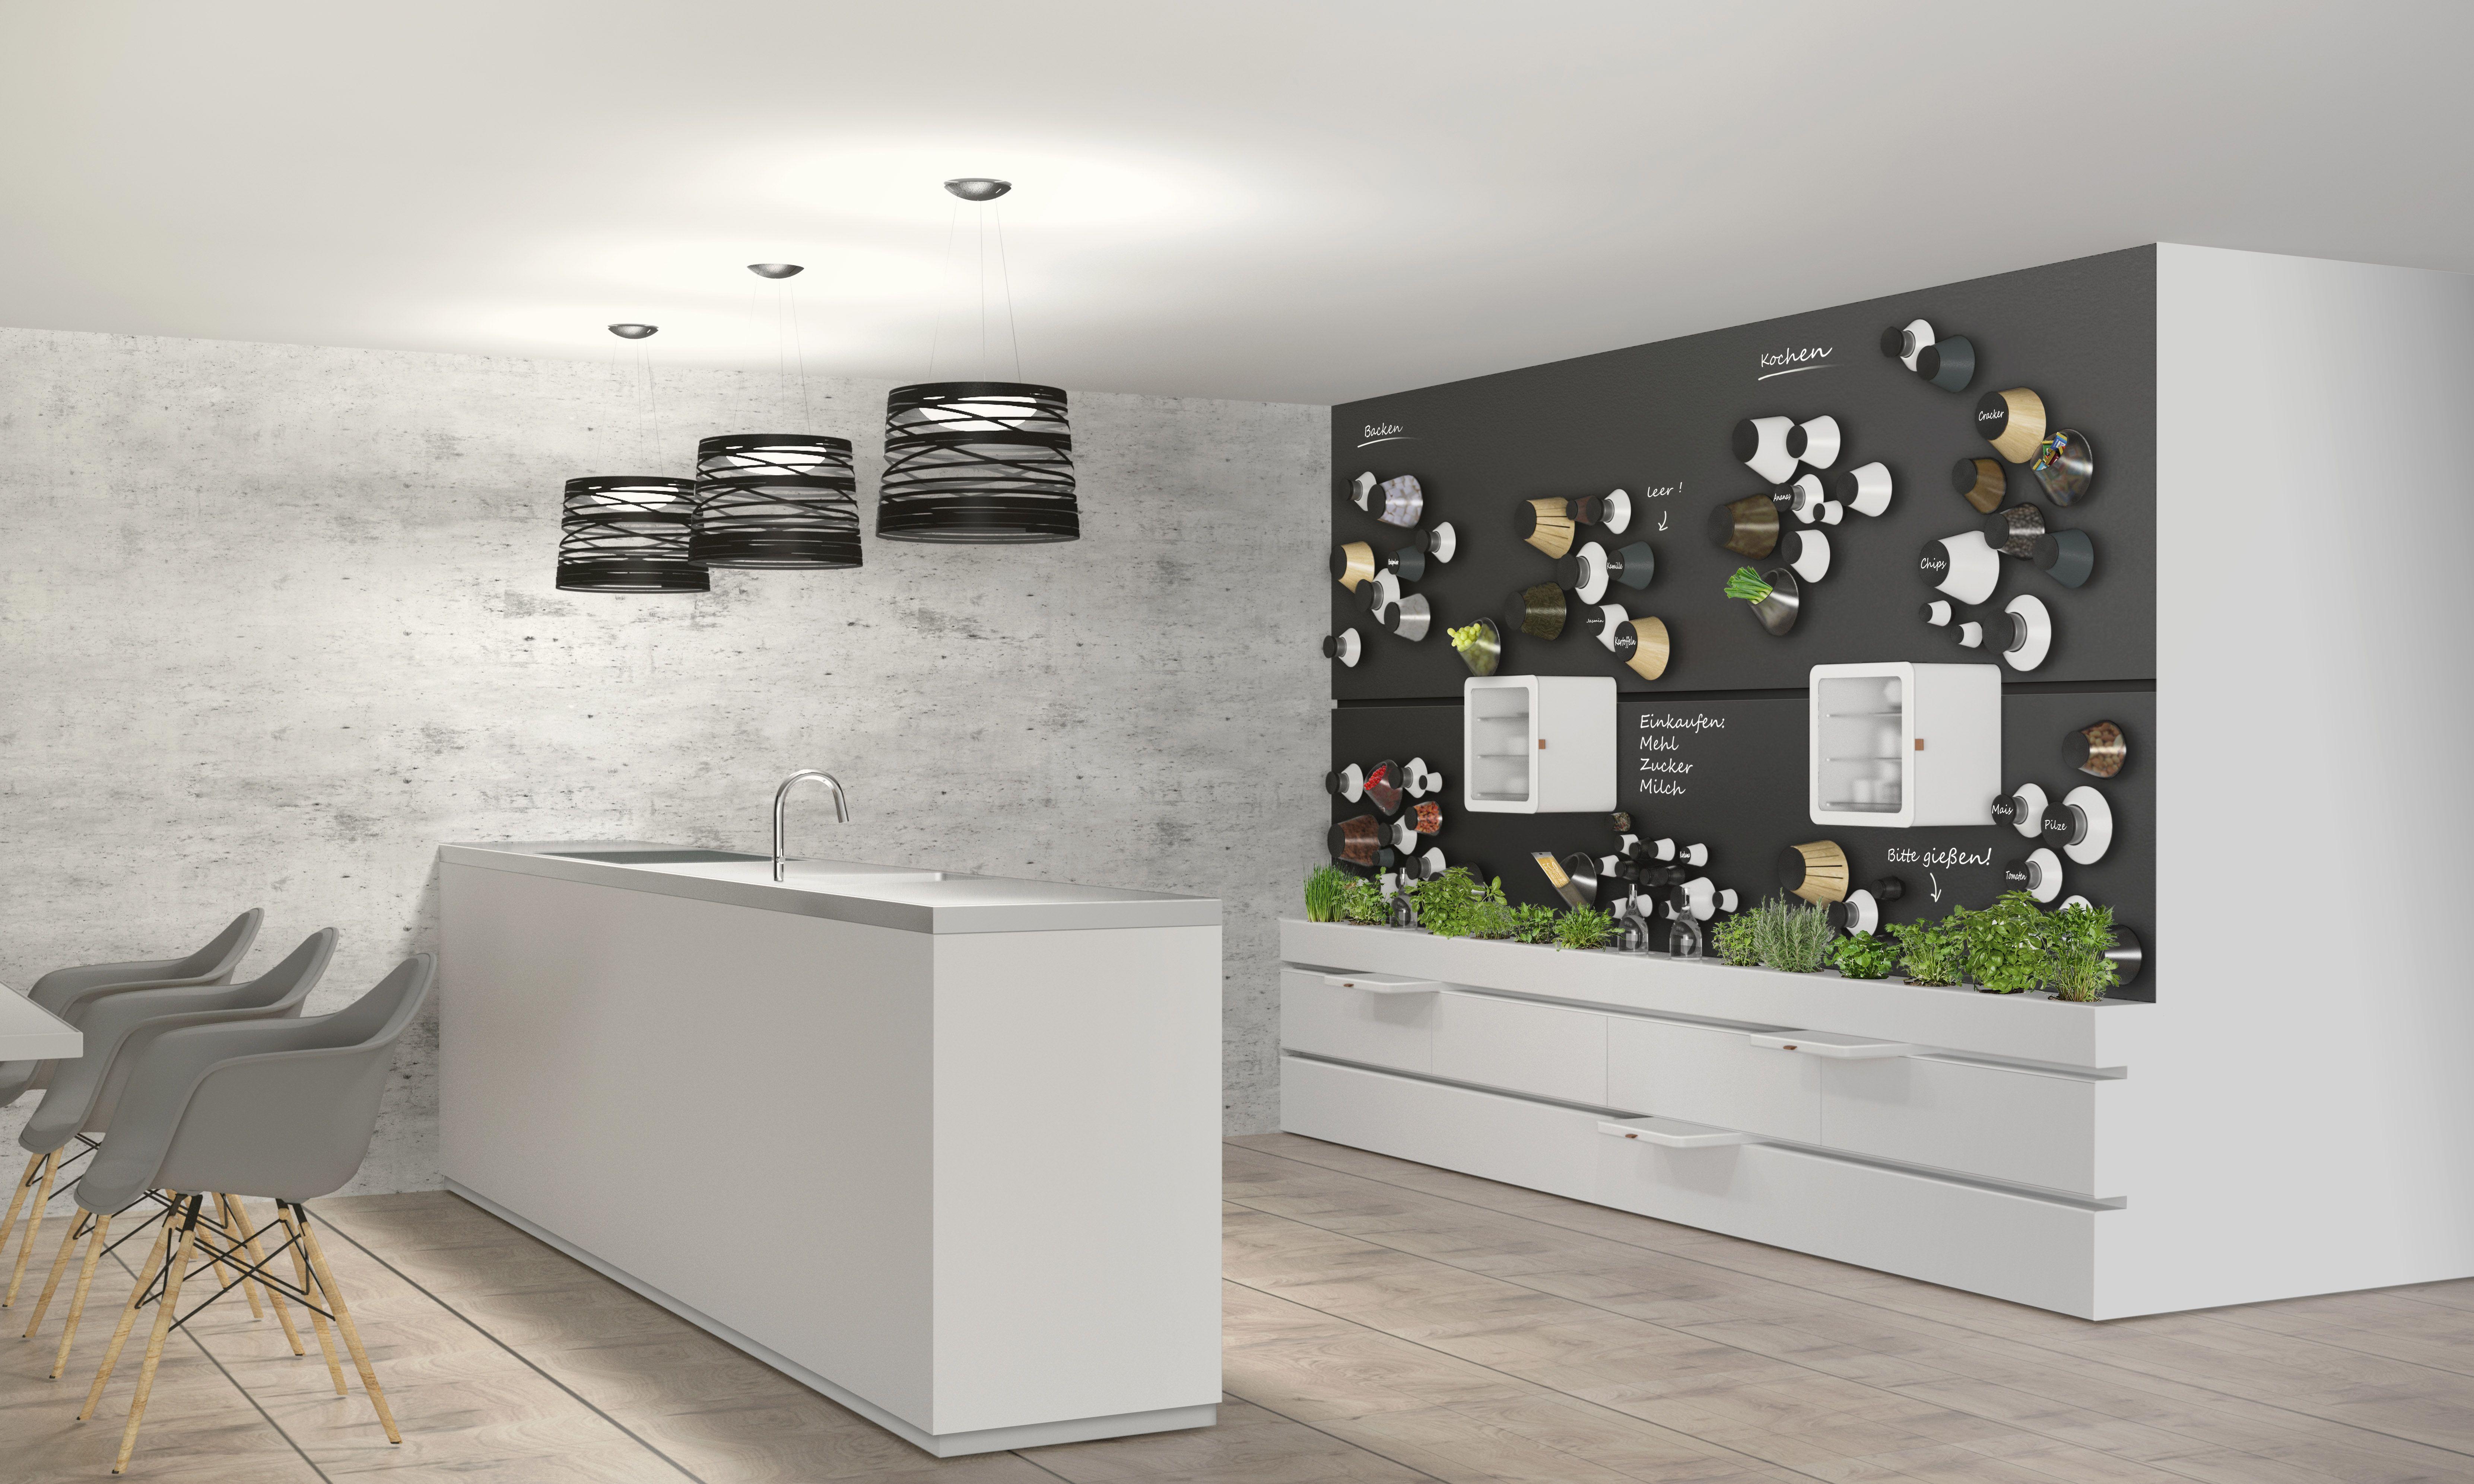 Ausgezeichnet Jean Und Lee Küche Ideen - Küche Set Ideen ...